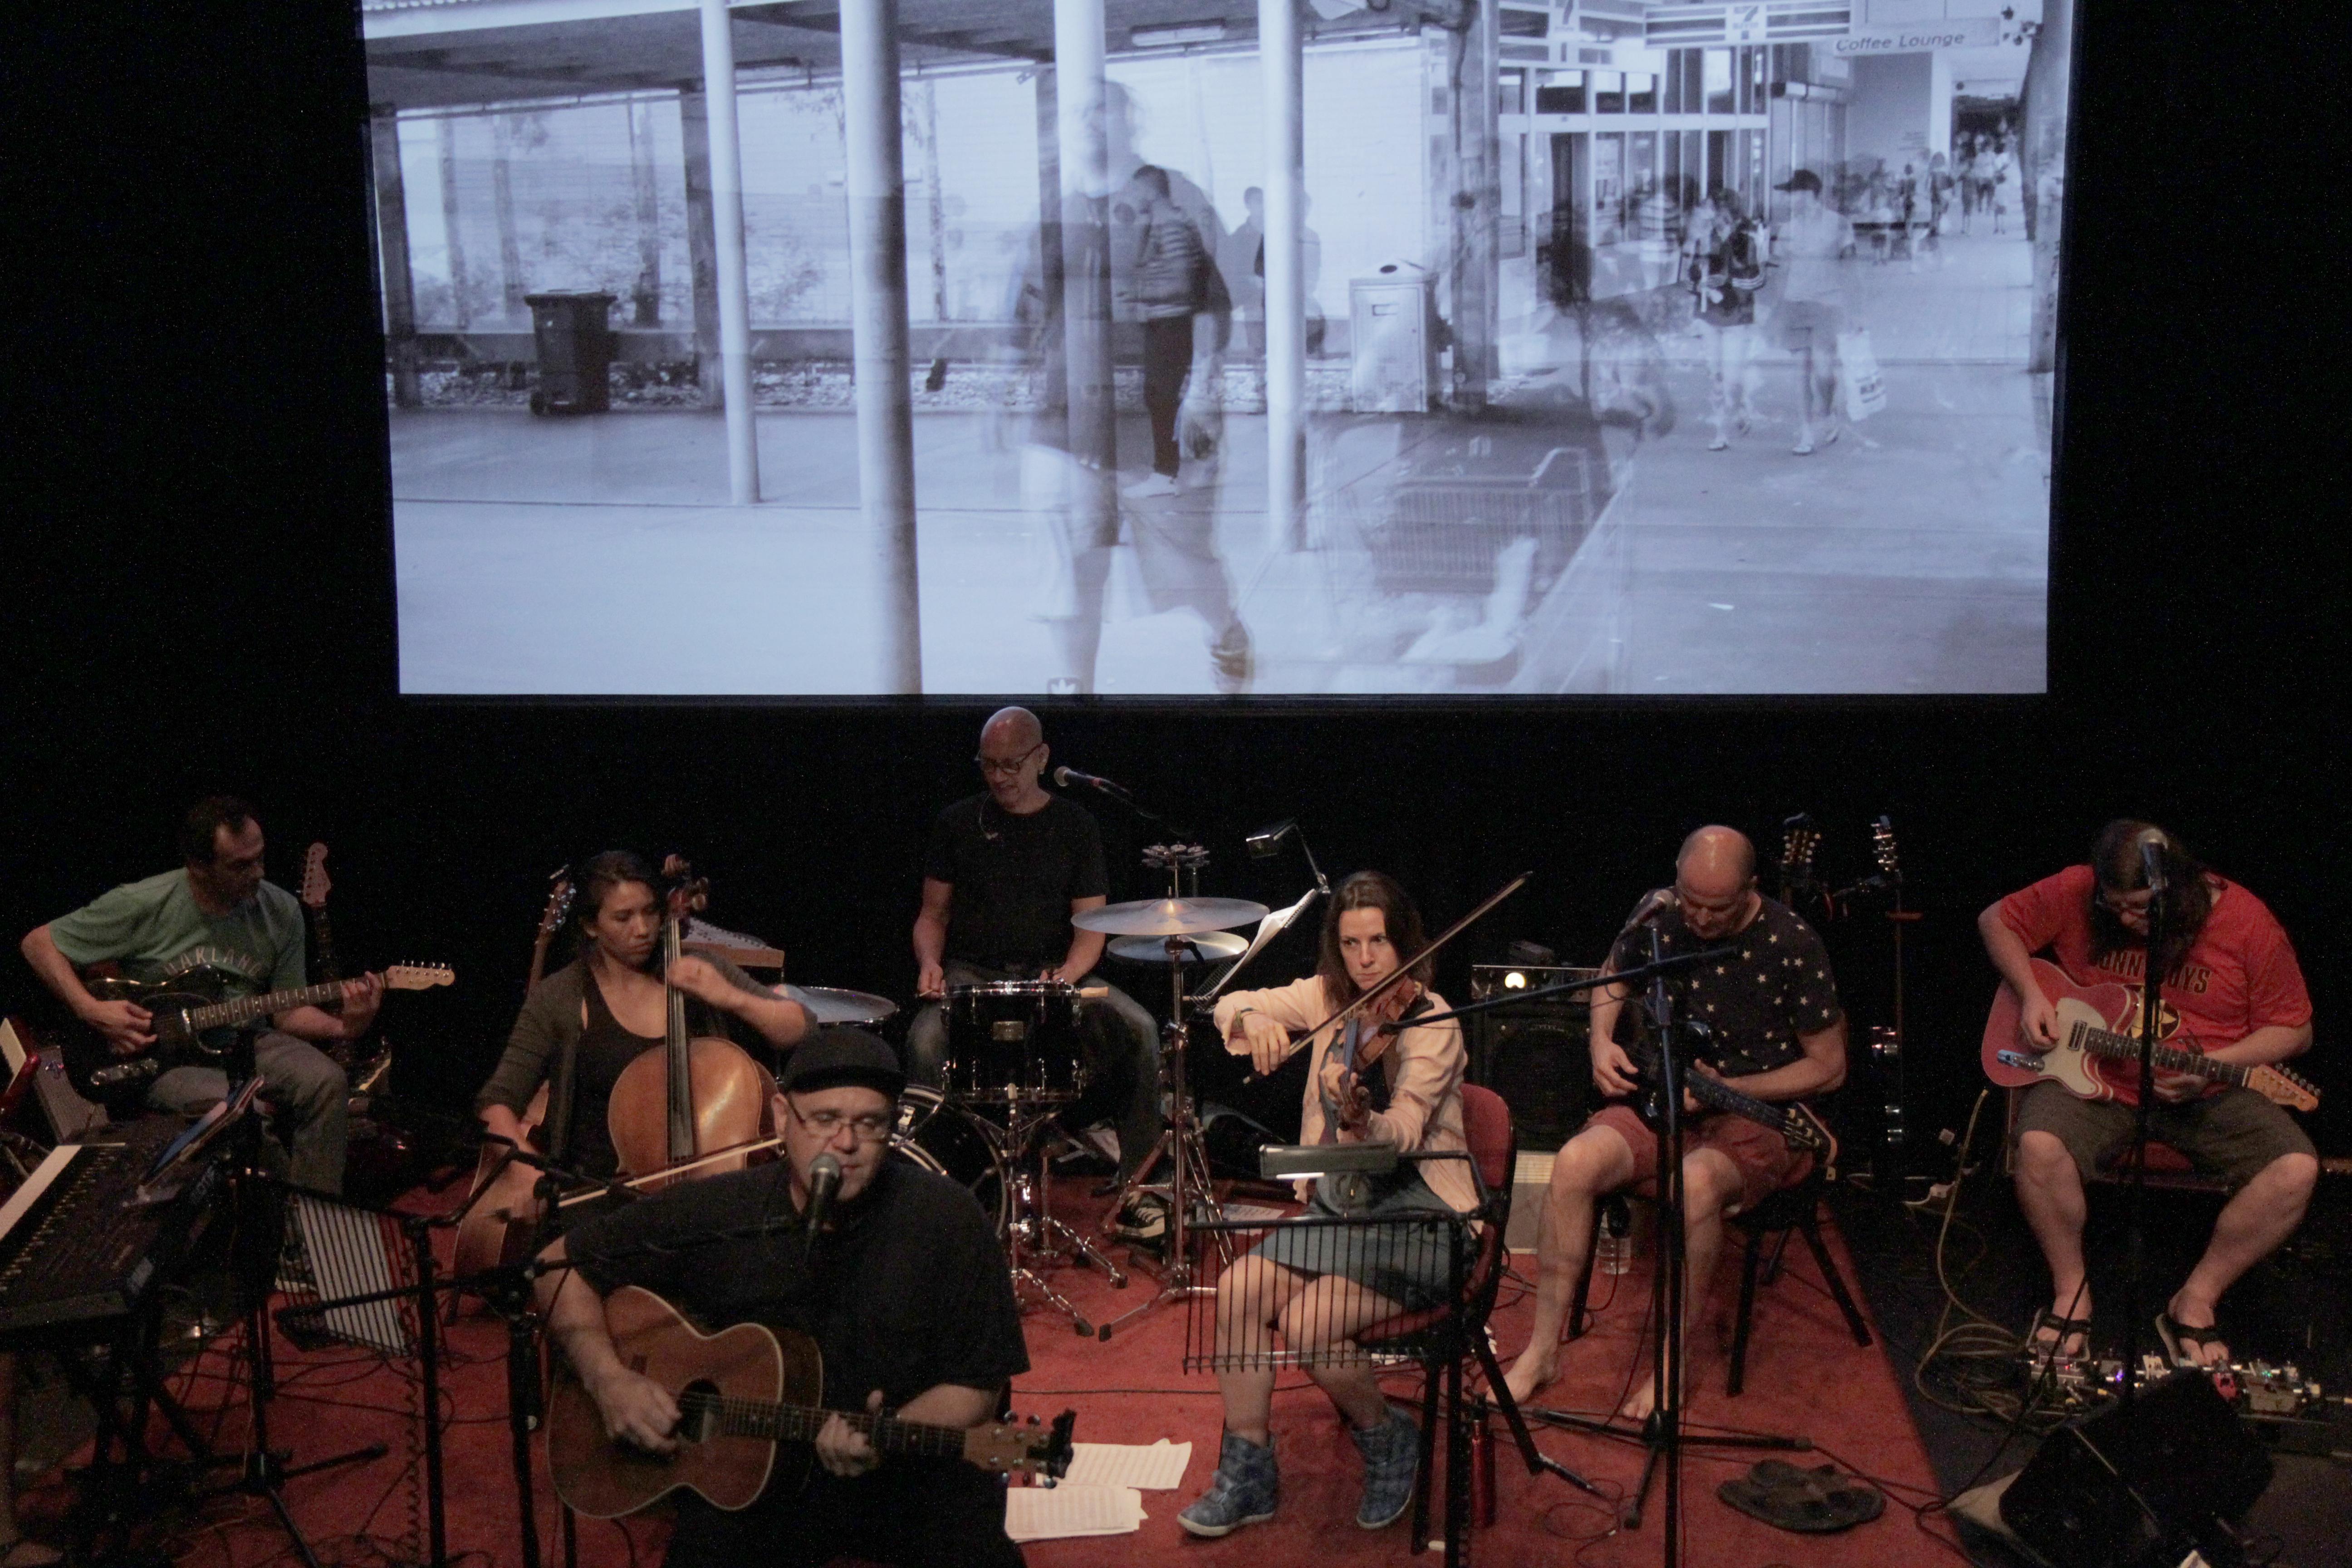 Rehearsing for the Sydney Festival